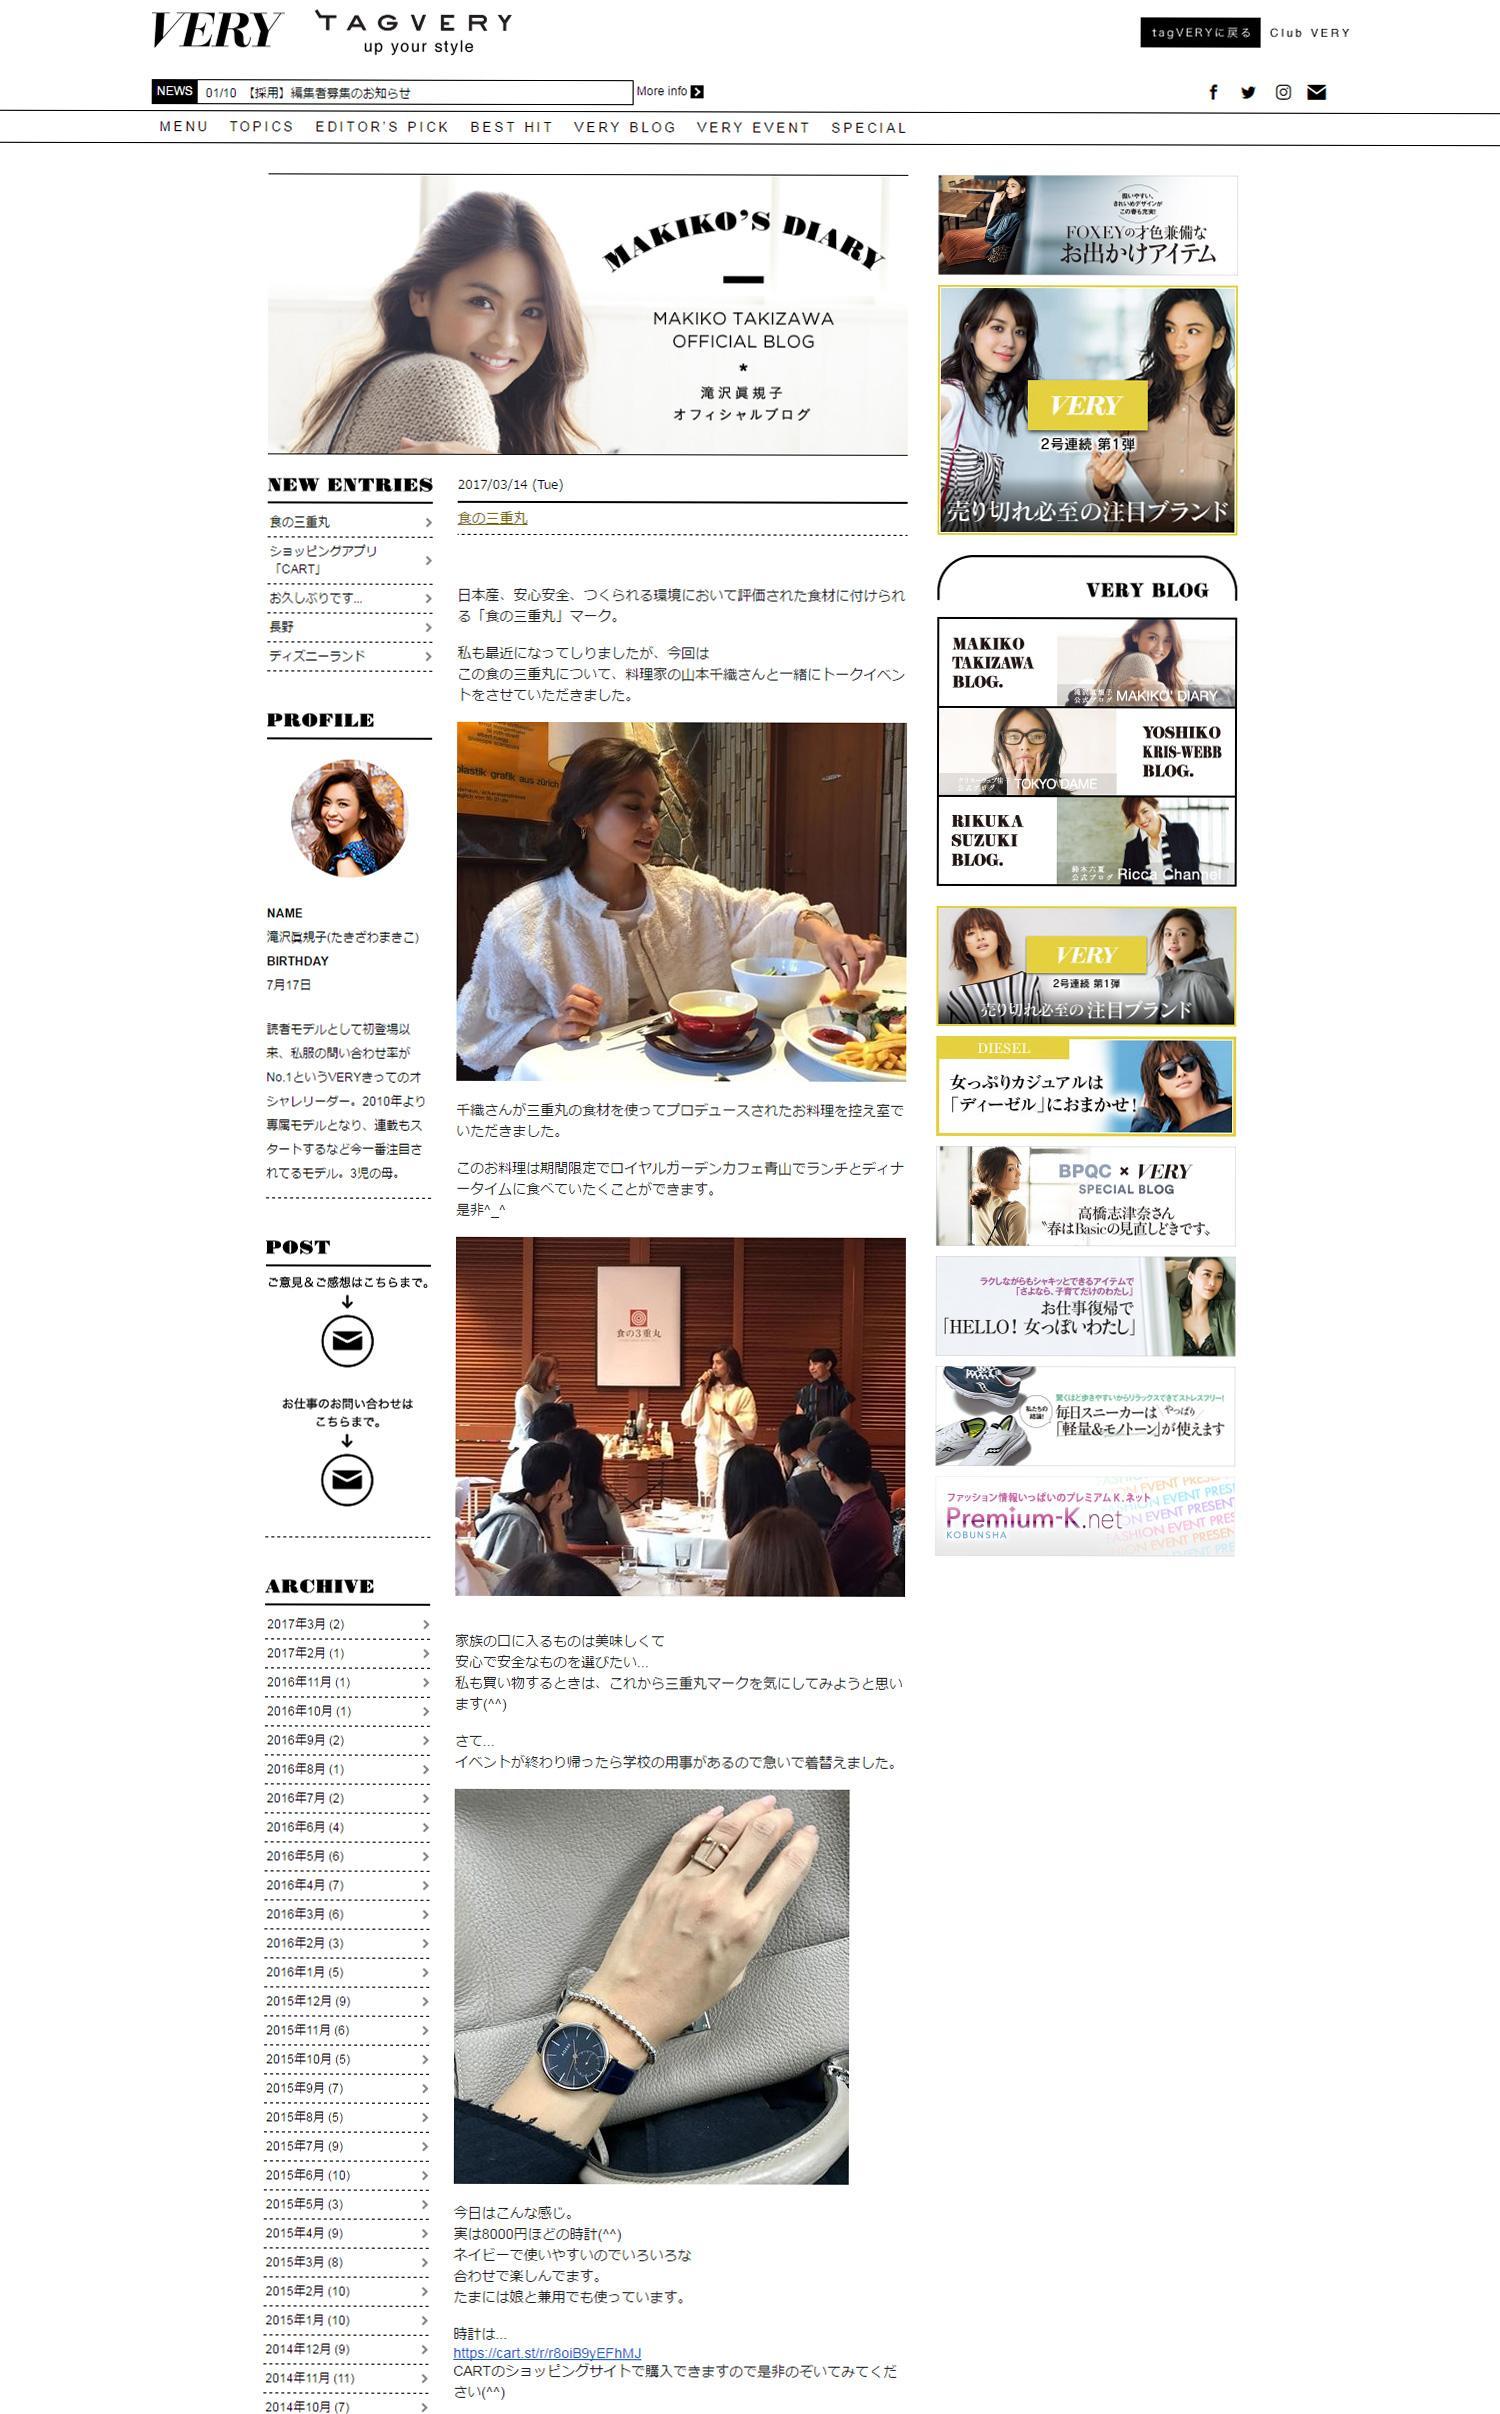 veryweb-jp-diary-1489579086750.jpg